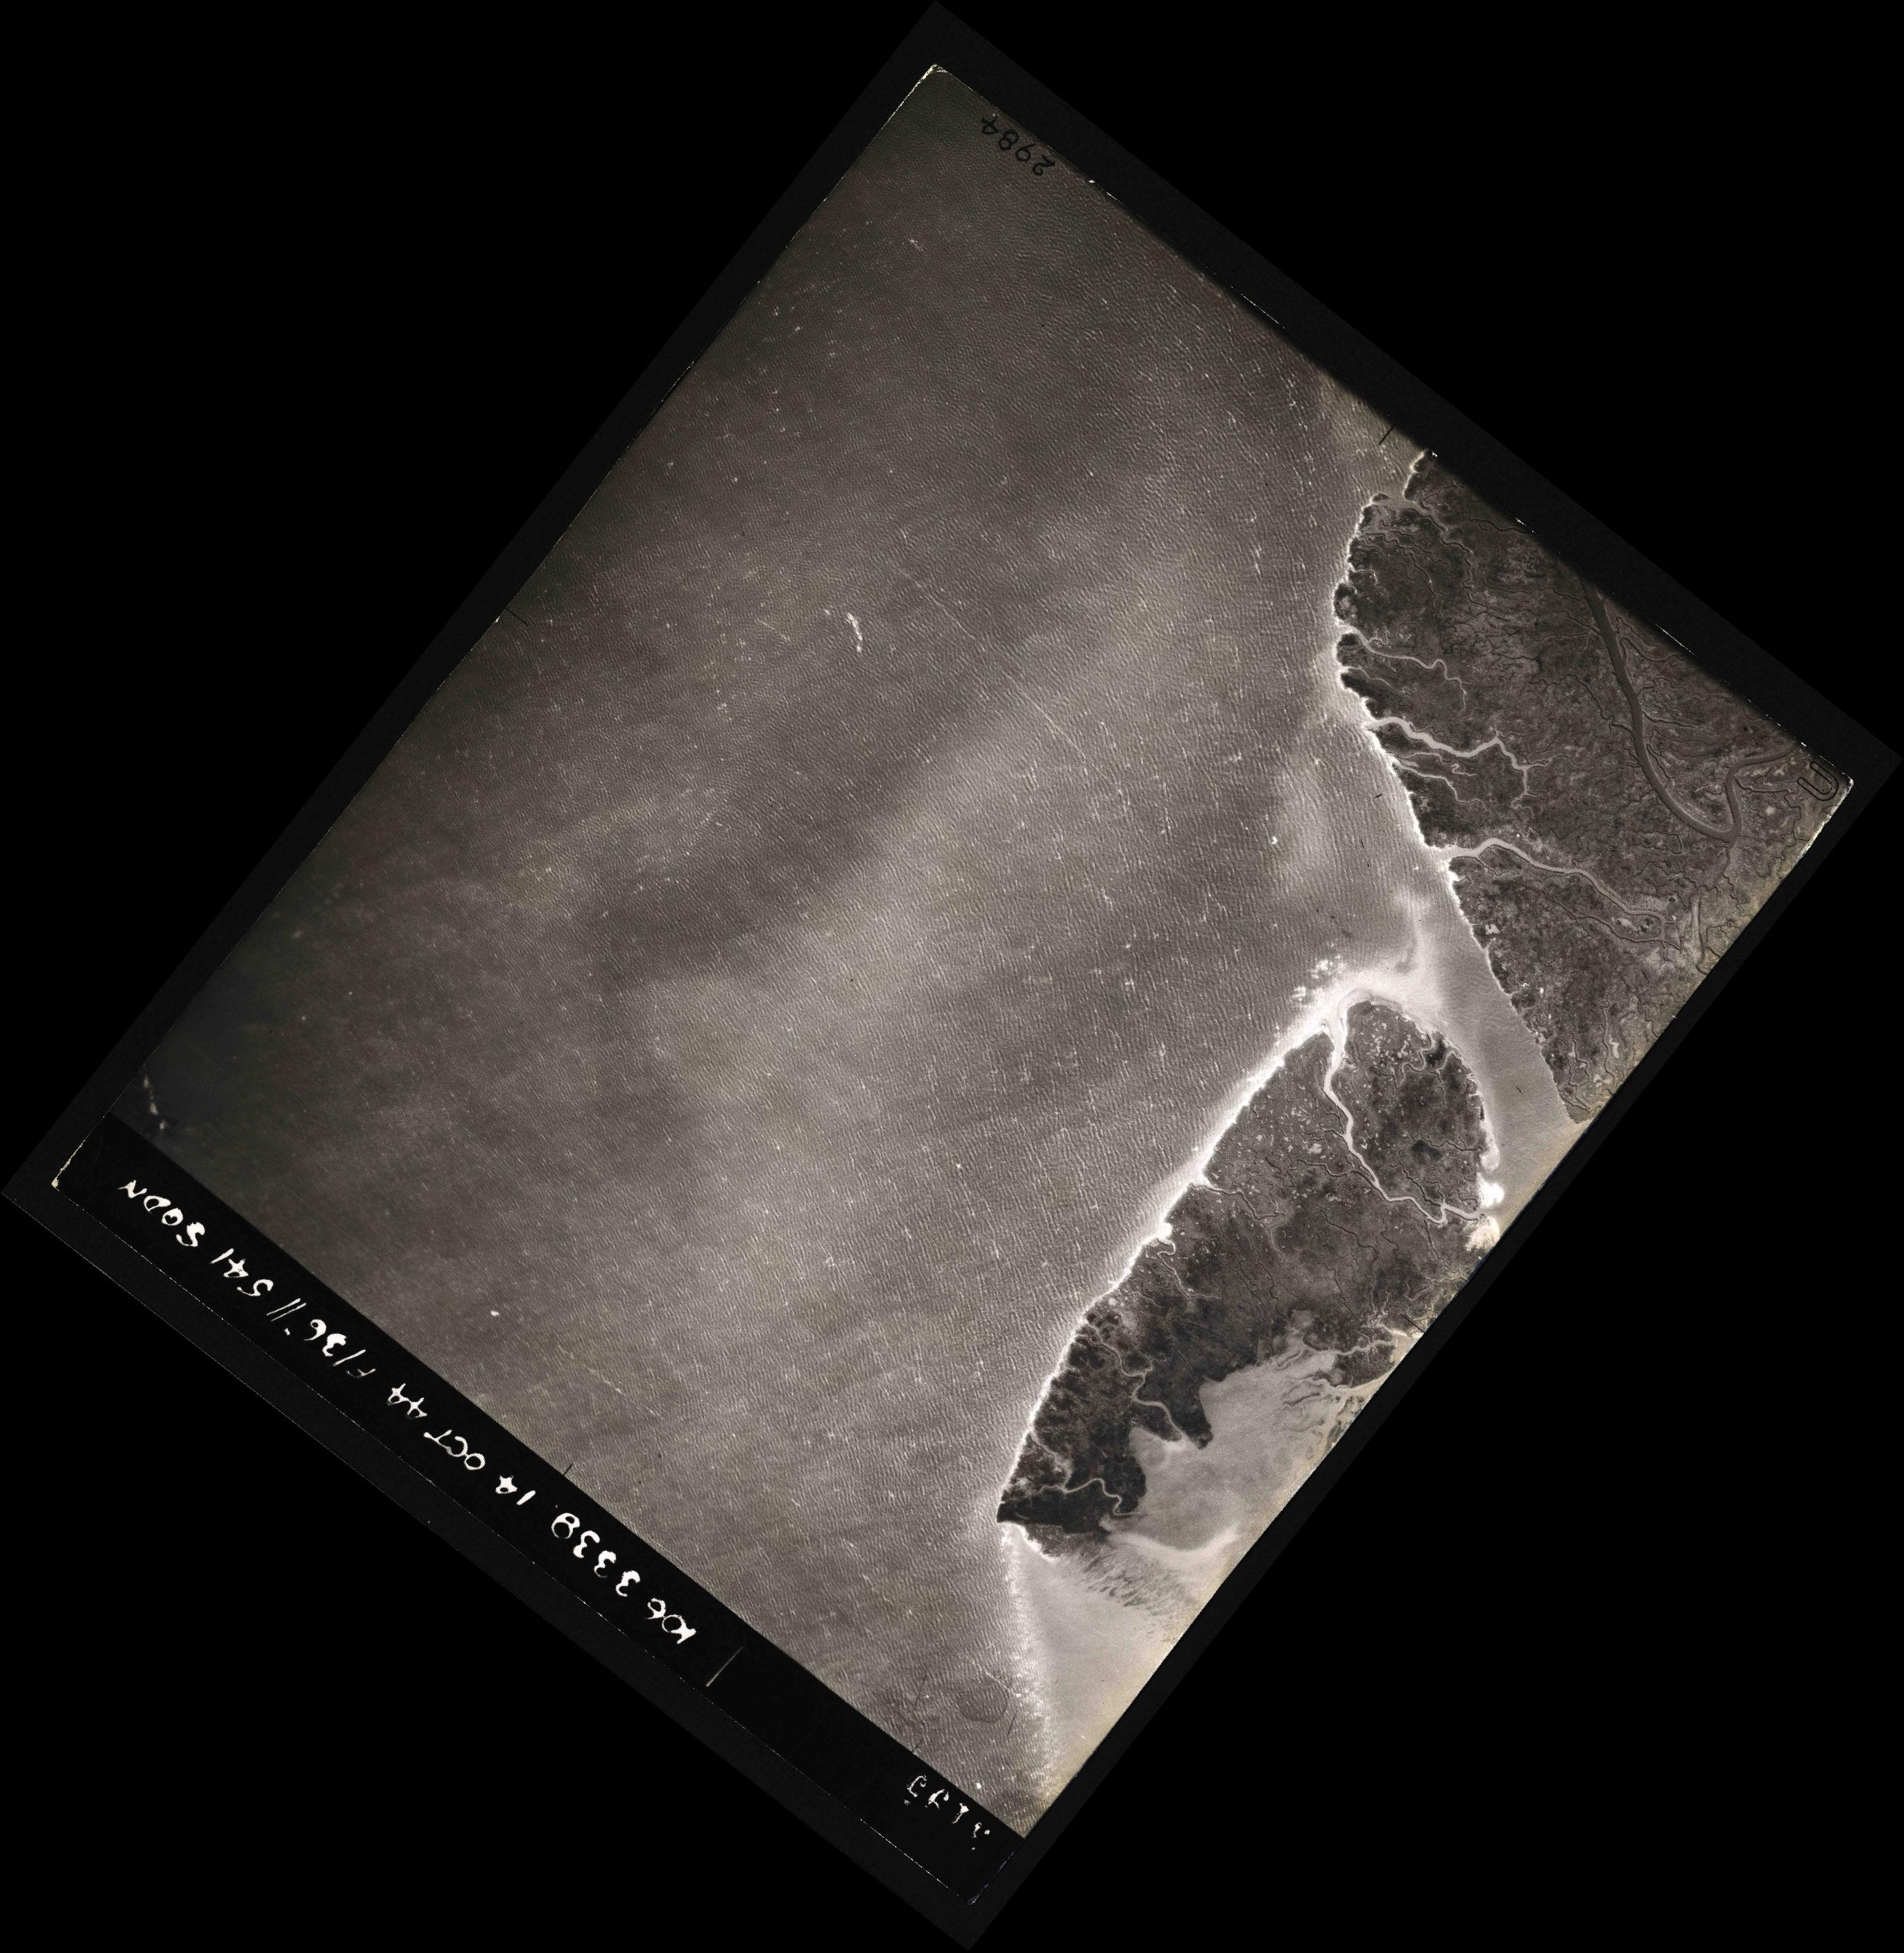 Collection RAF aerial photos 1940-1945 - flight 042, run 01, photo 3195